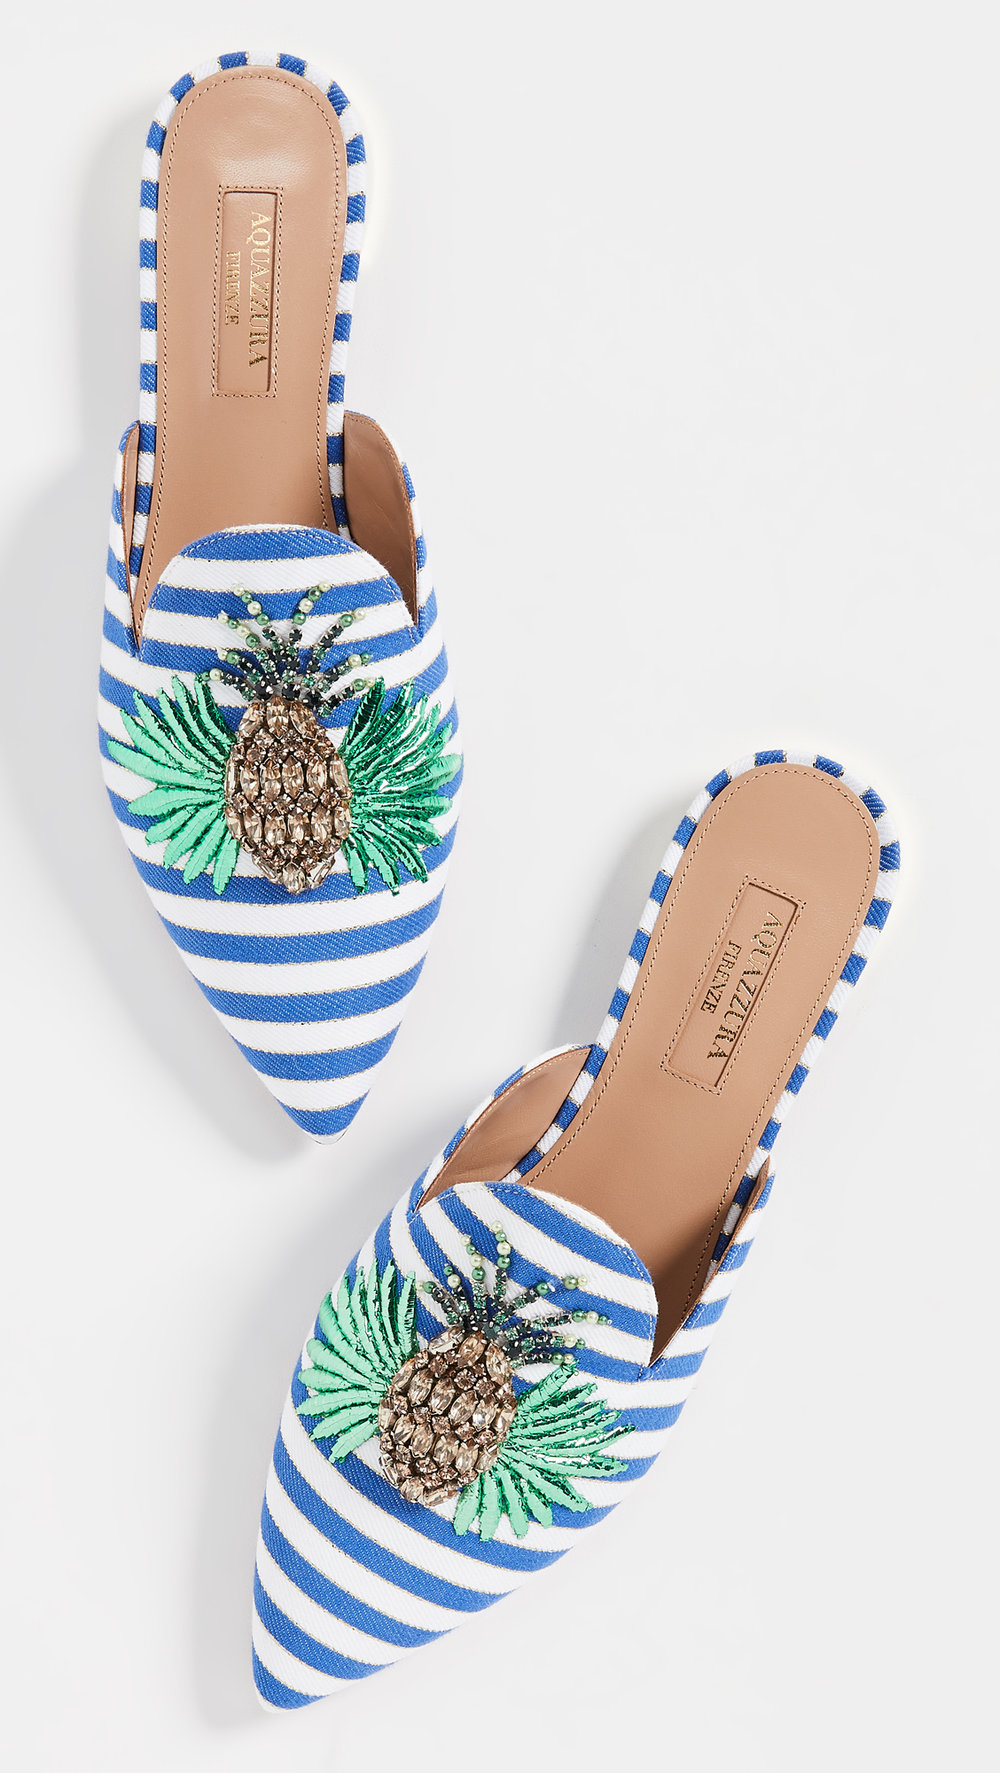 Aquazzara Pineapple Flats